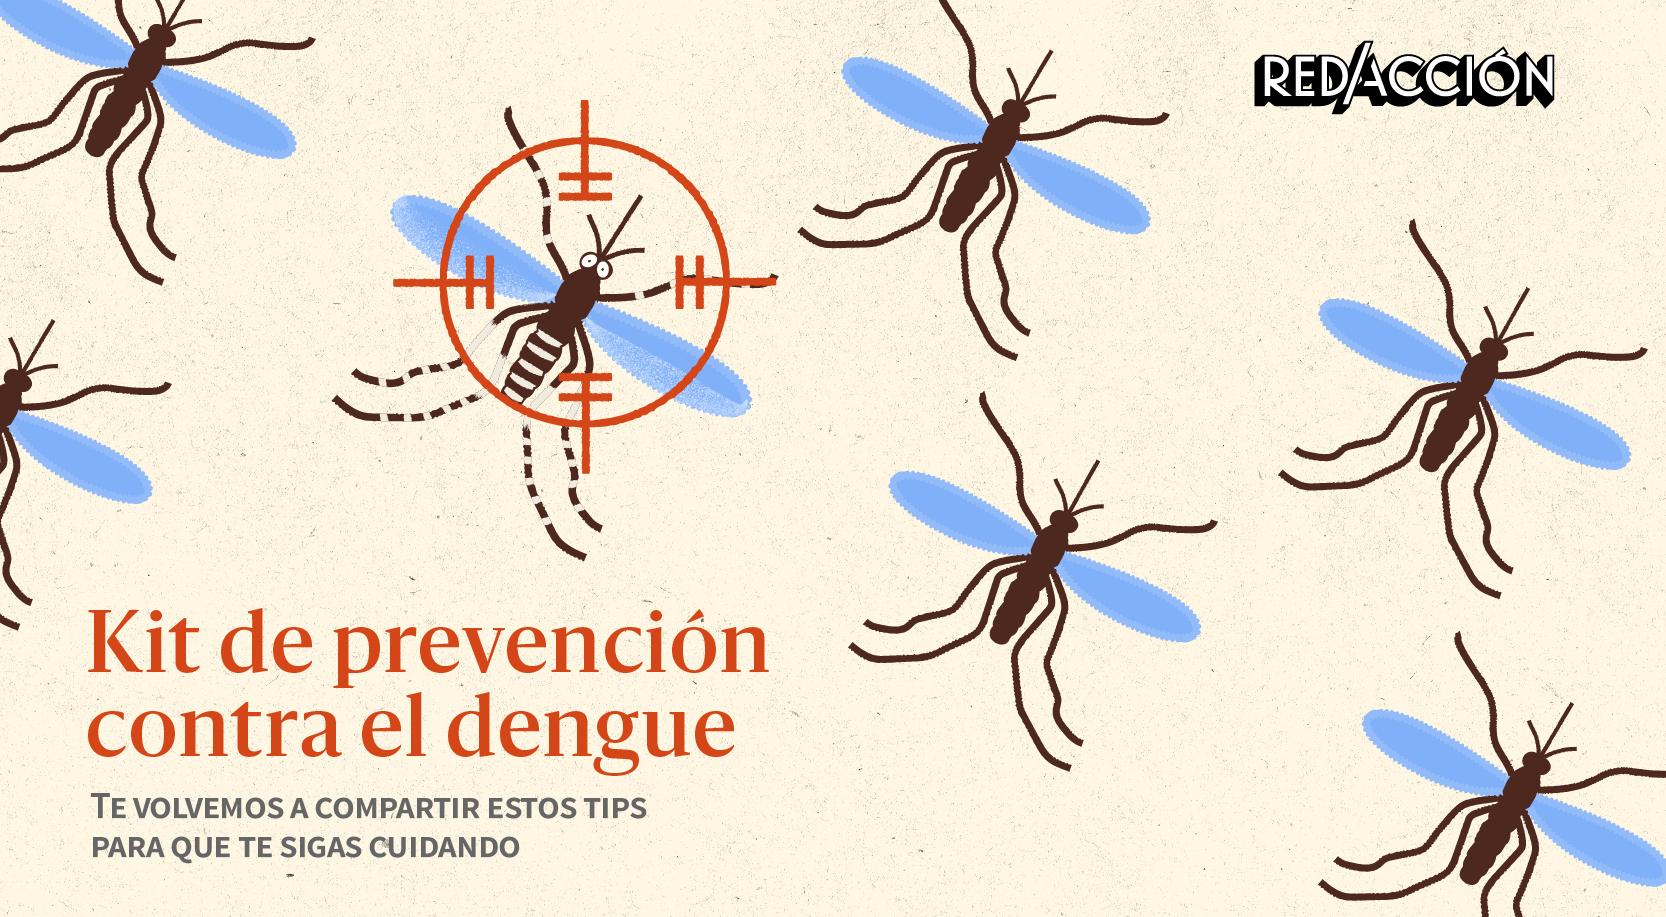 Dengue en Argentina: cómo prevenirlo y cuáles son sus síntomas